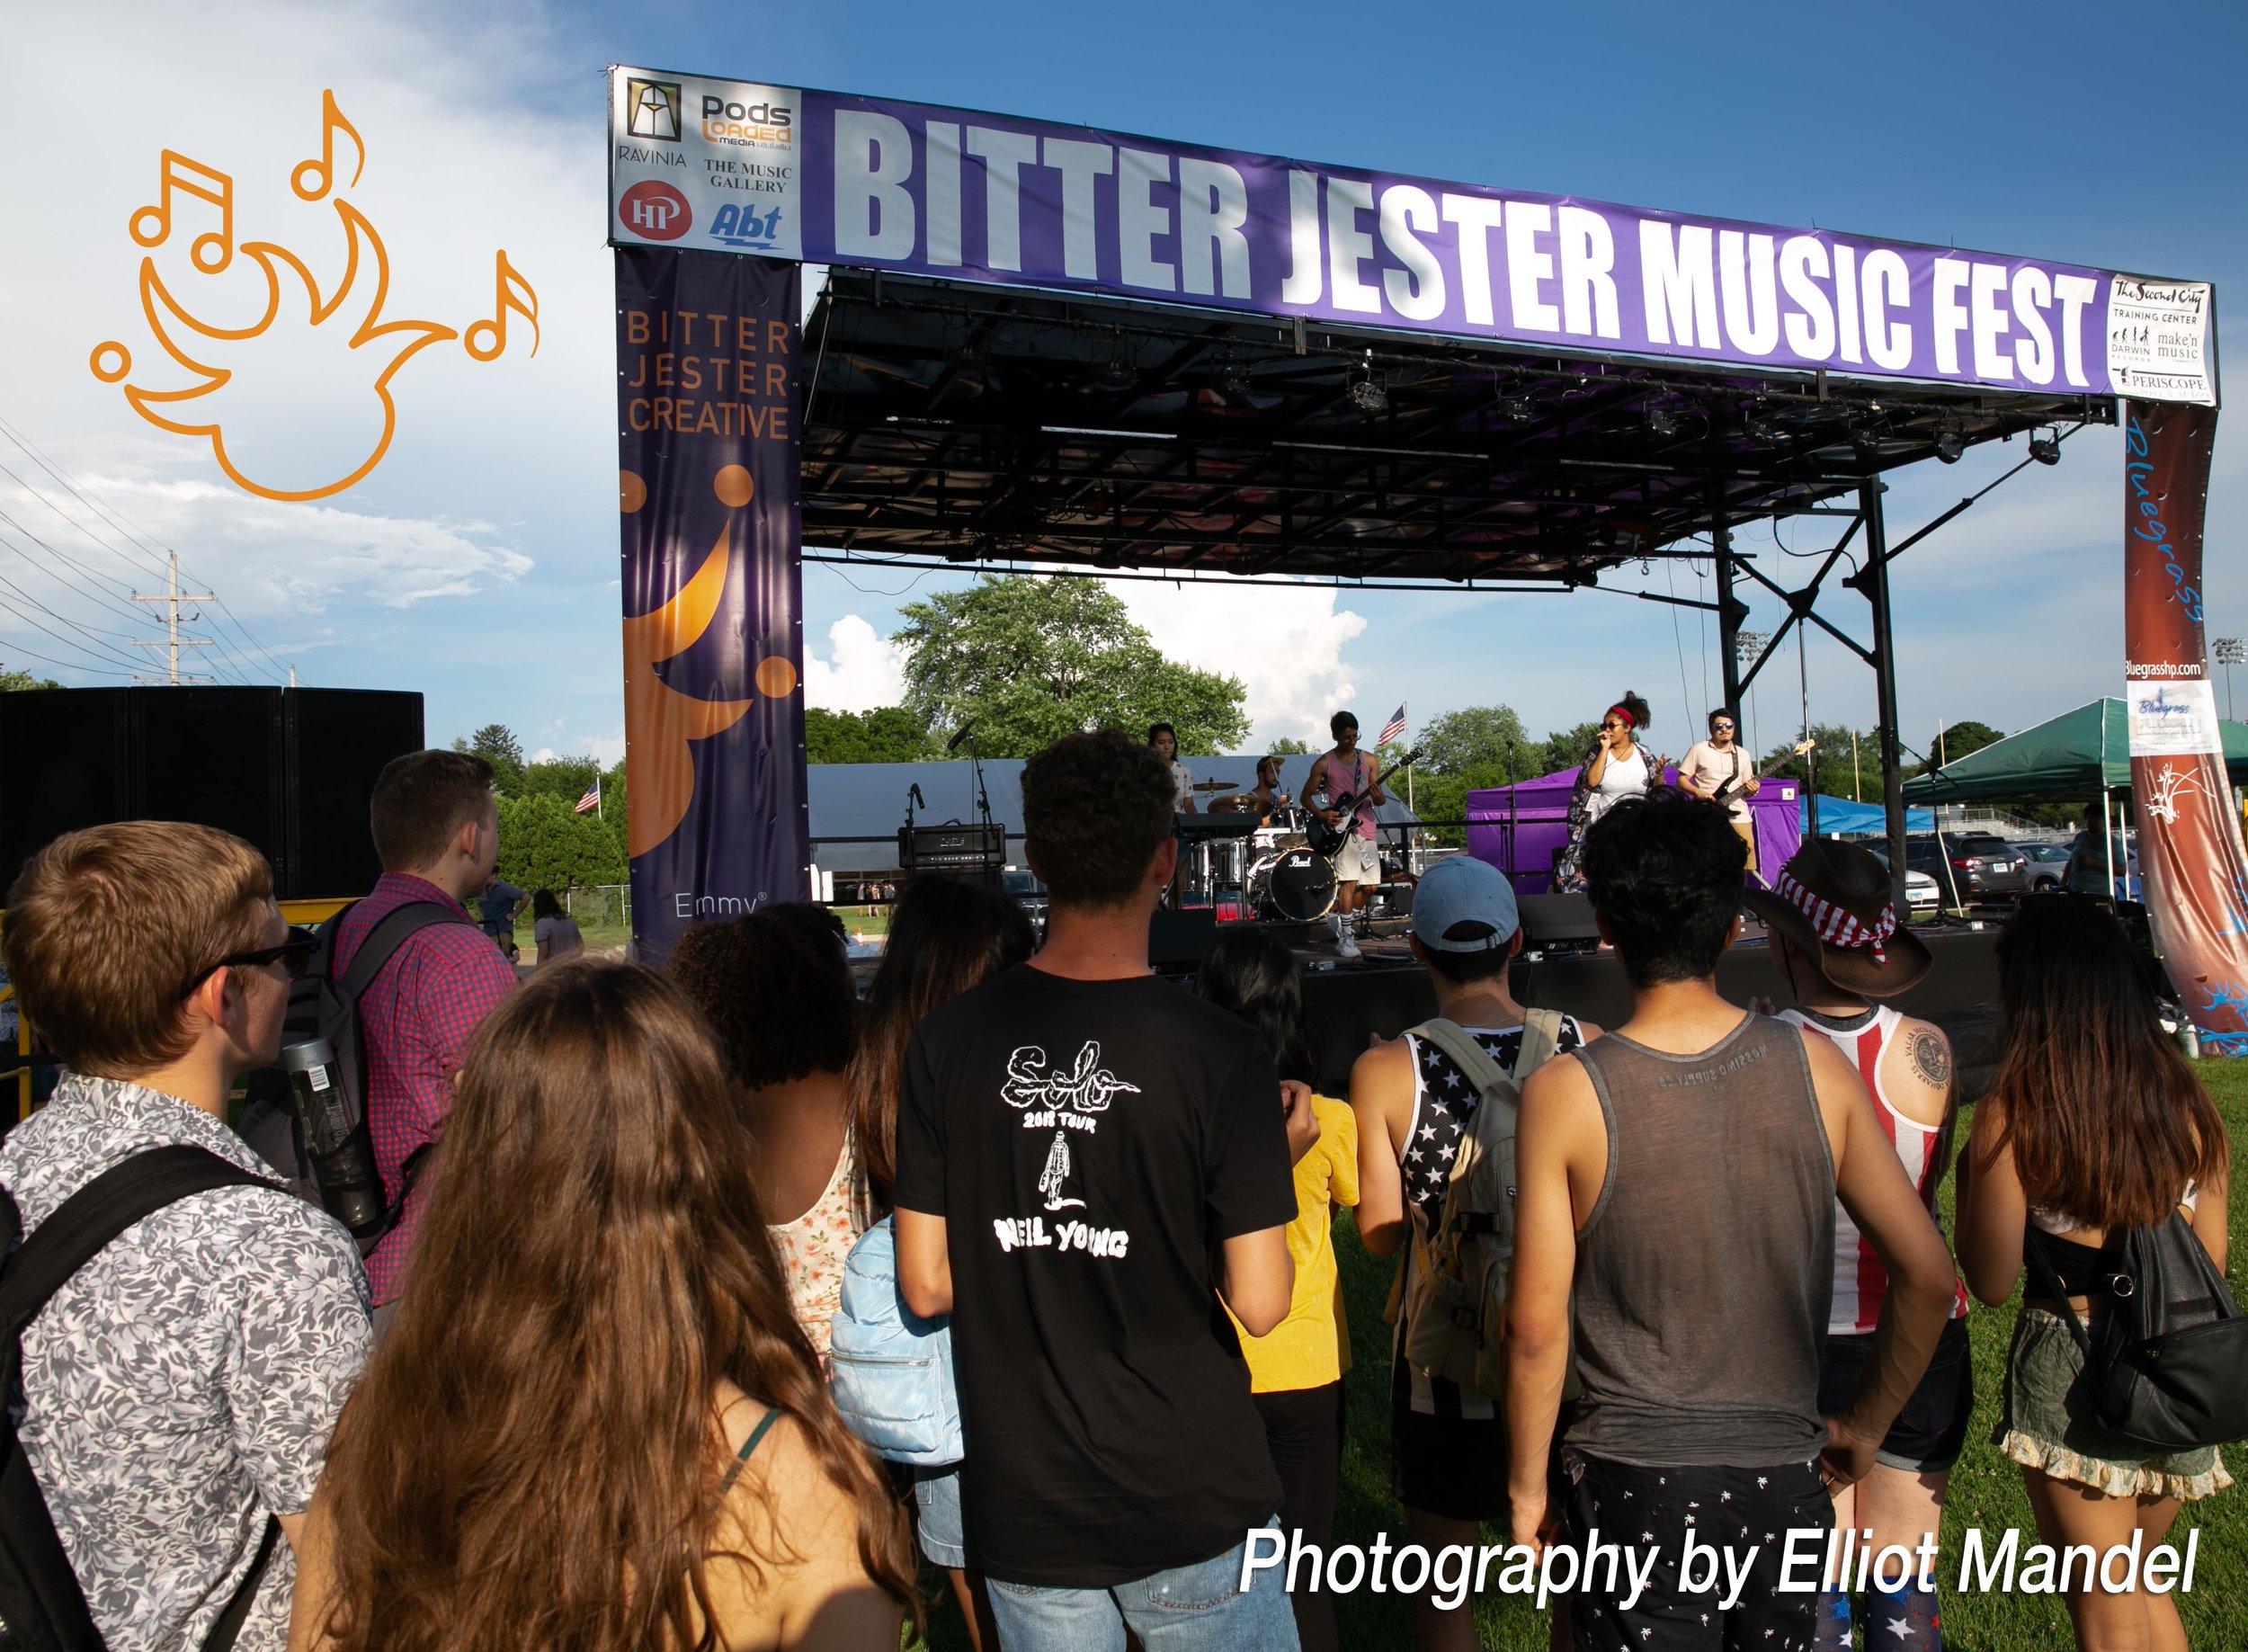 Bitter-Jester-Music-Fest_ElliotMandel-74.jpg